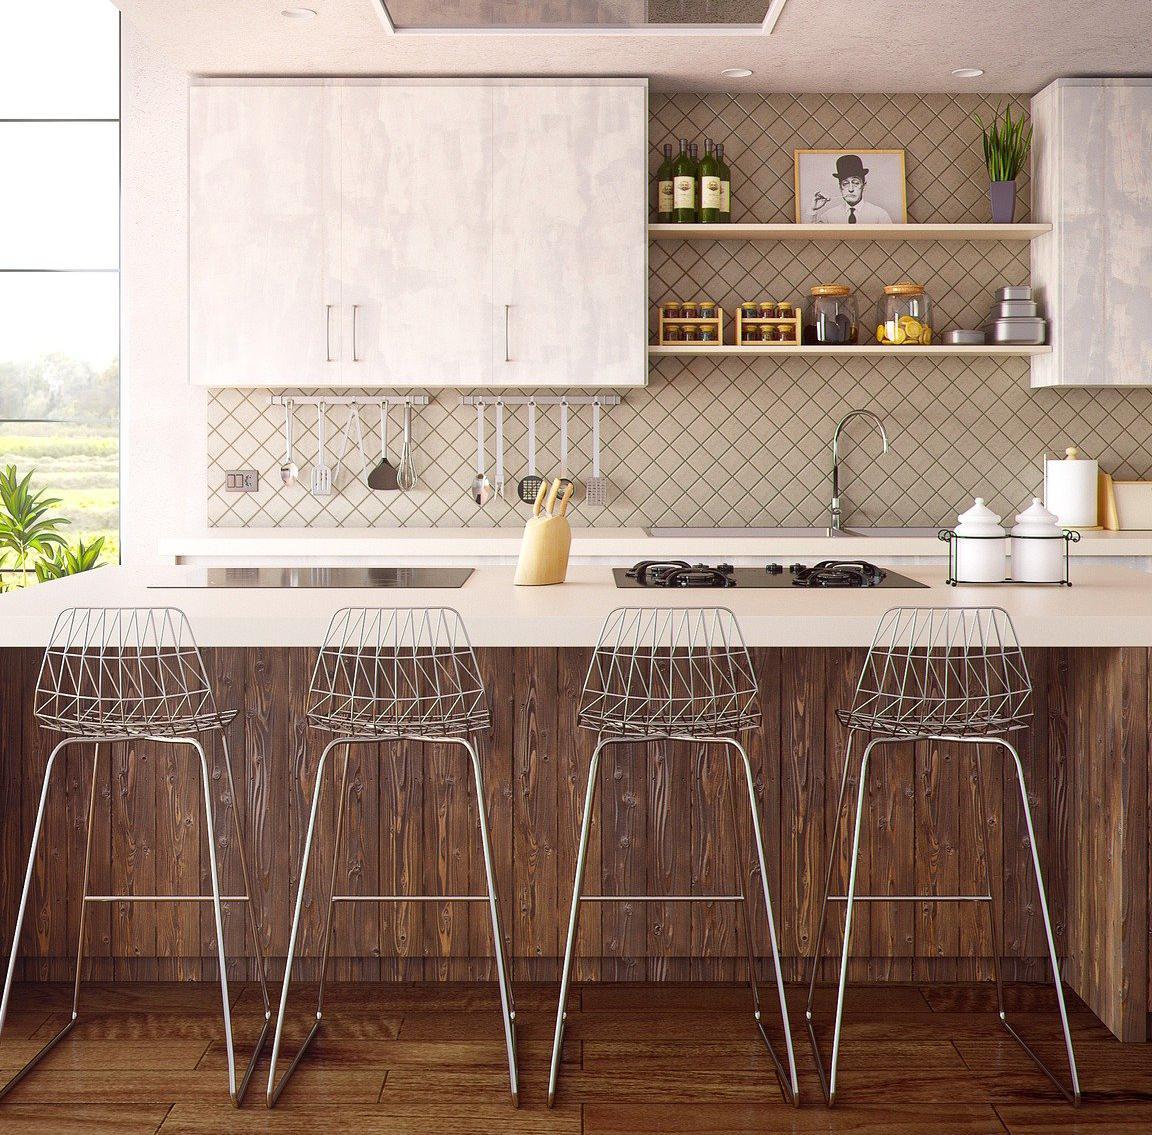 Rénovation de cuisine à Libourne 33500 : Les tarifs